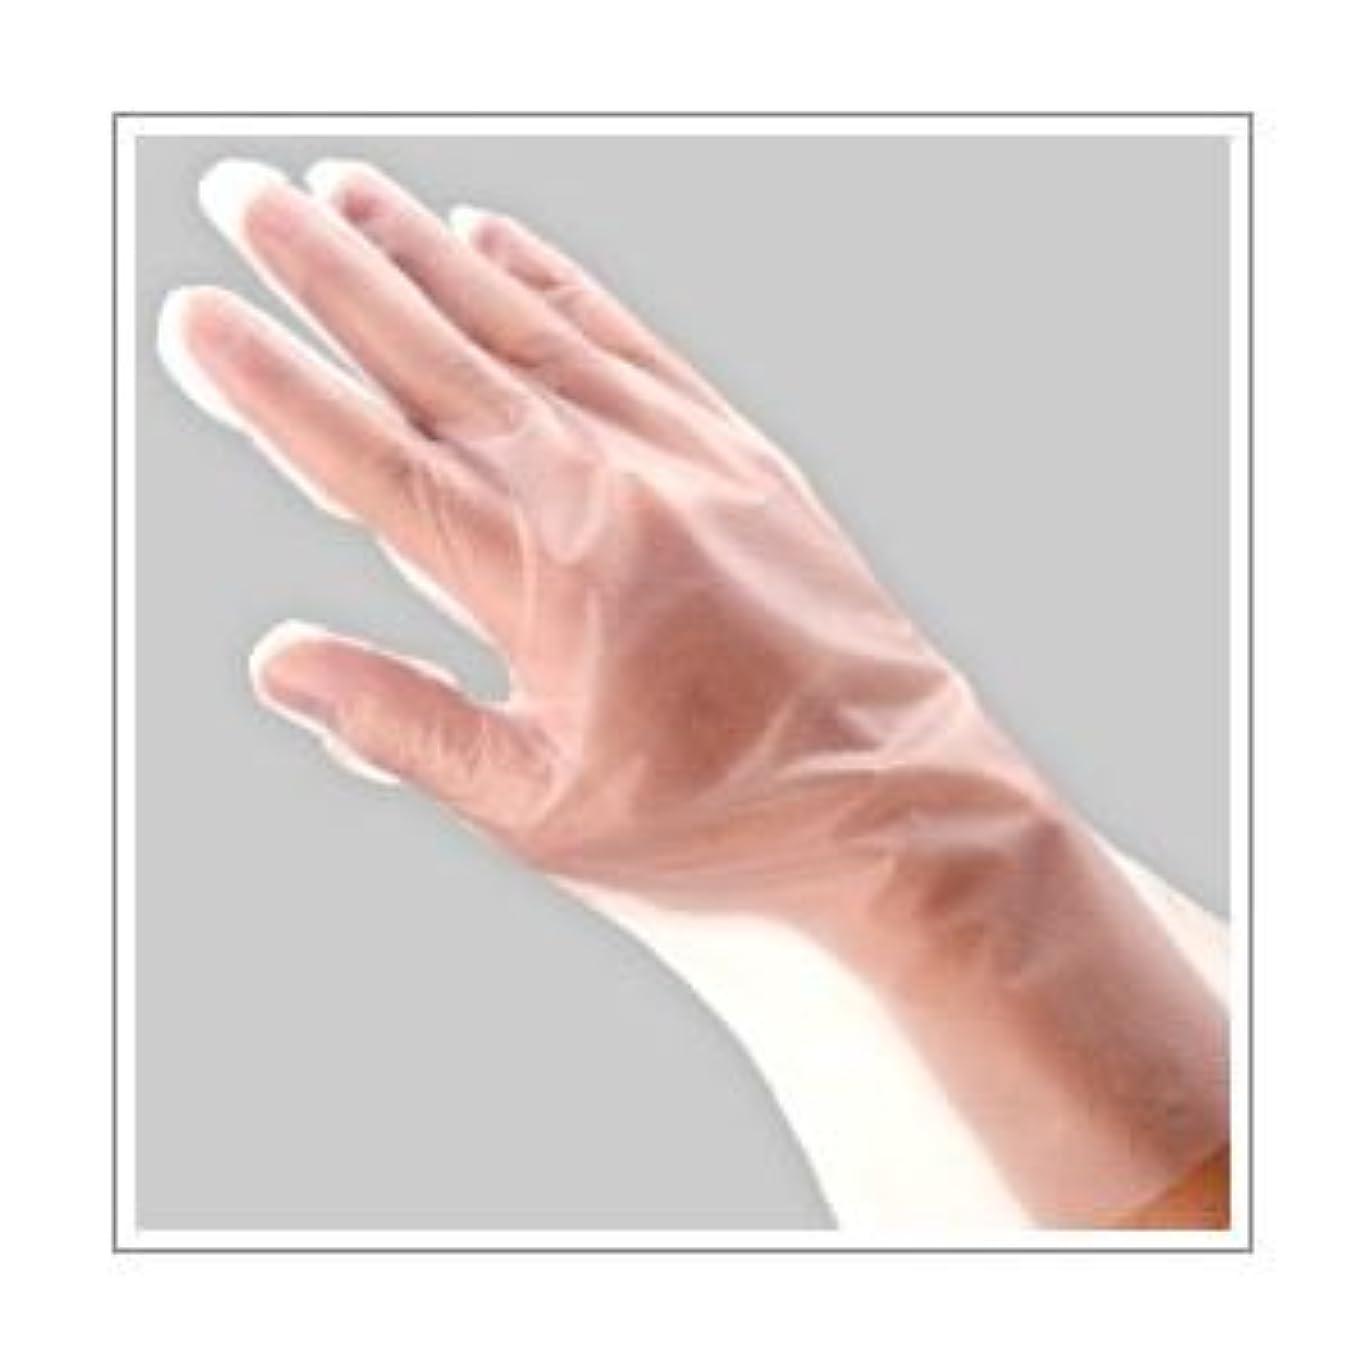 ホールドオールエジプト人ドキュメンタリー(業務用セット) 福助工業 ポリ手袋 指フィット 100枚パック L 【×10セット】